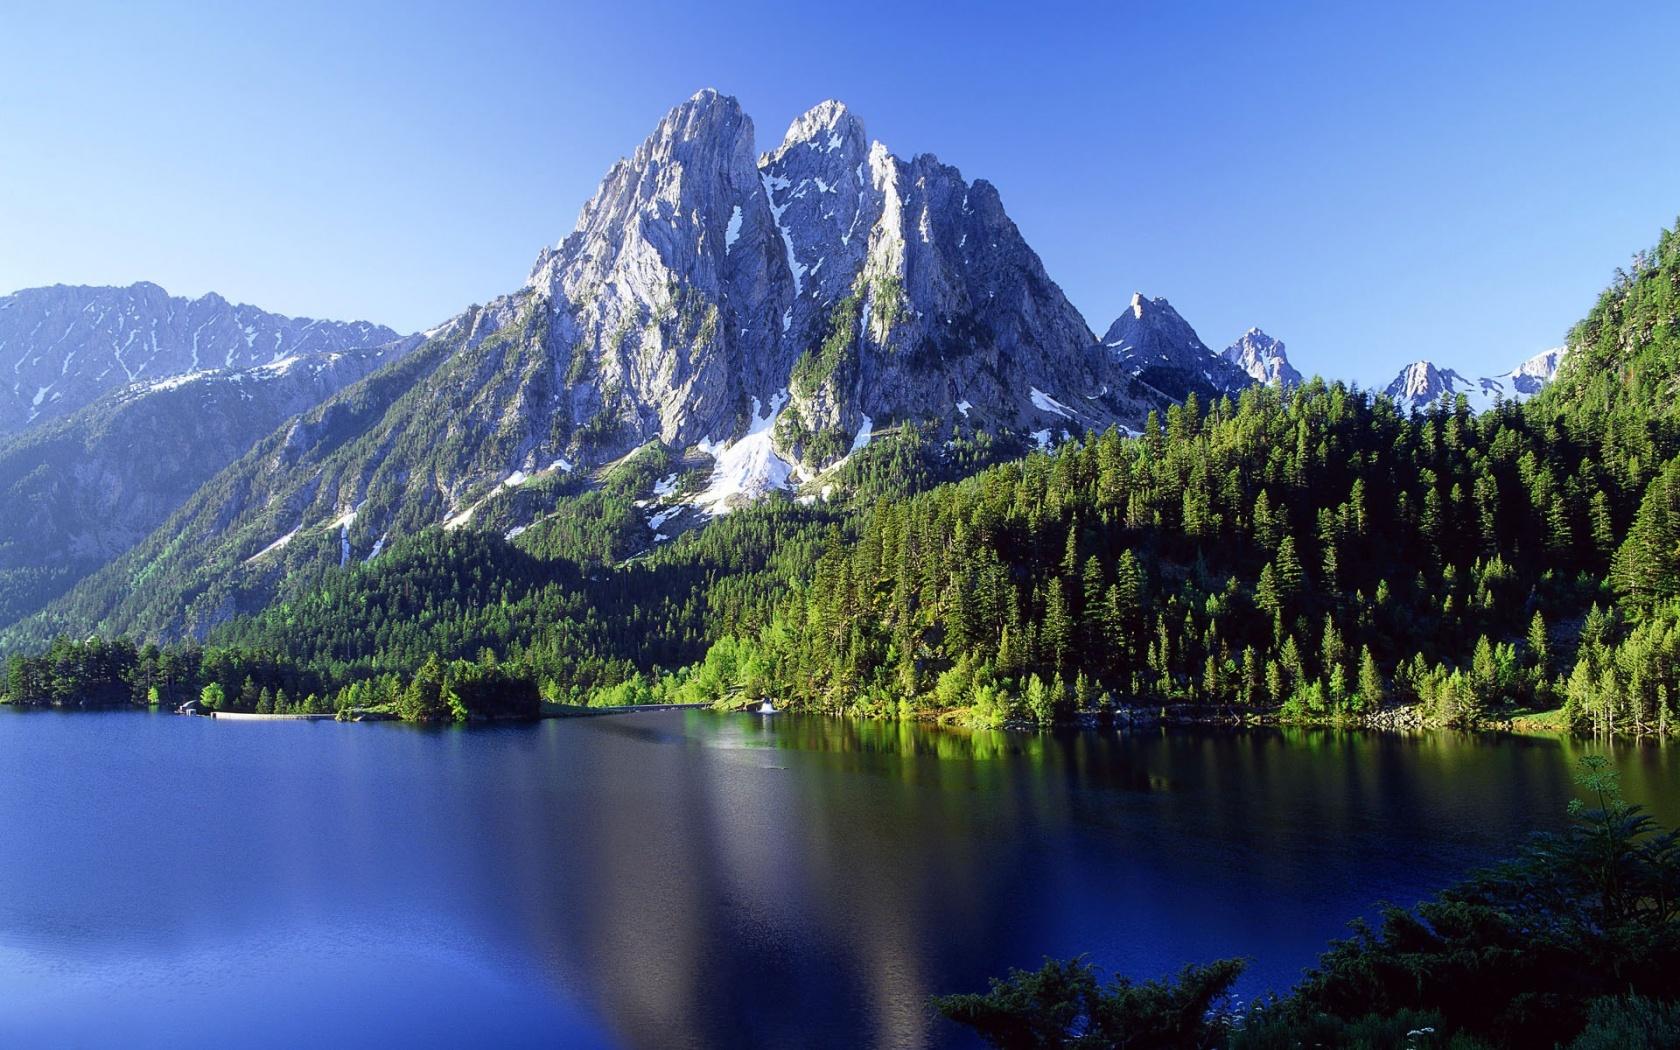 Fondos de pantalla de paisajes naturales 02